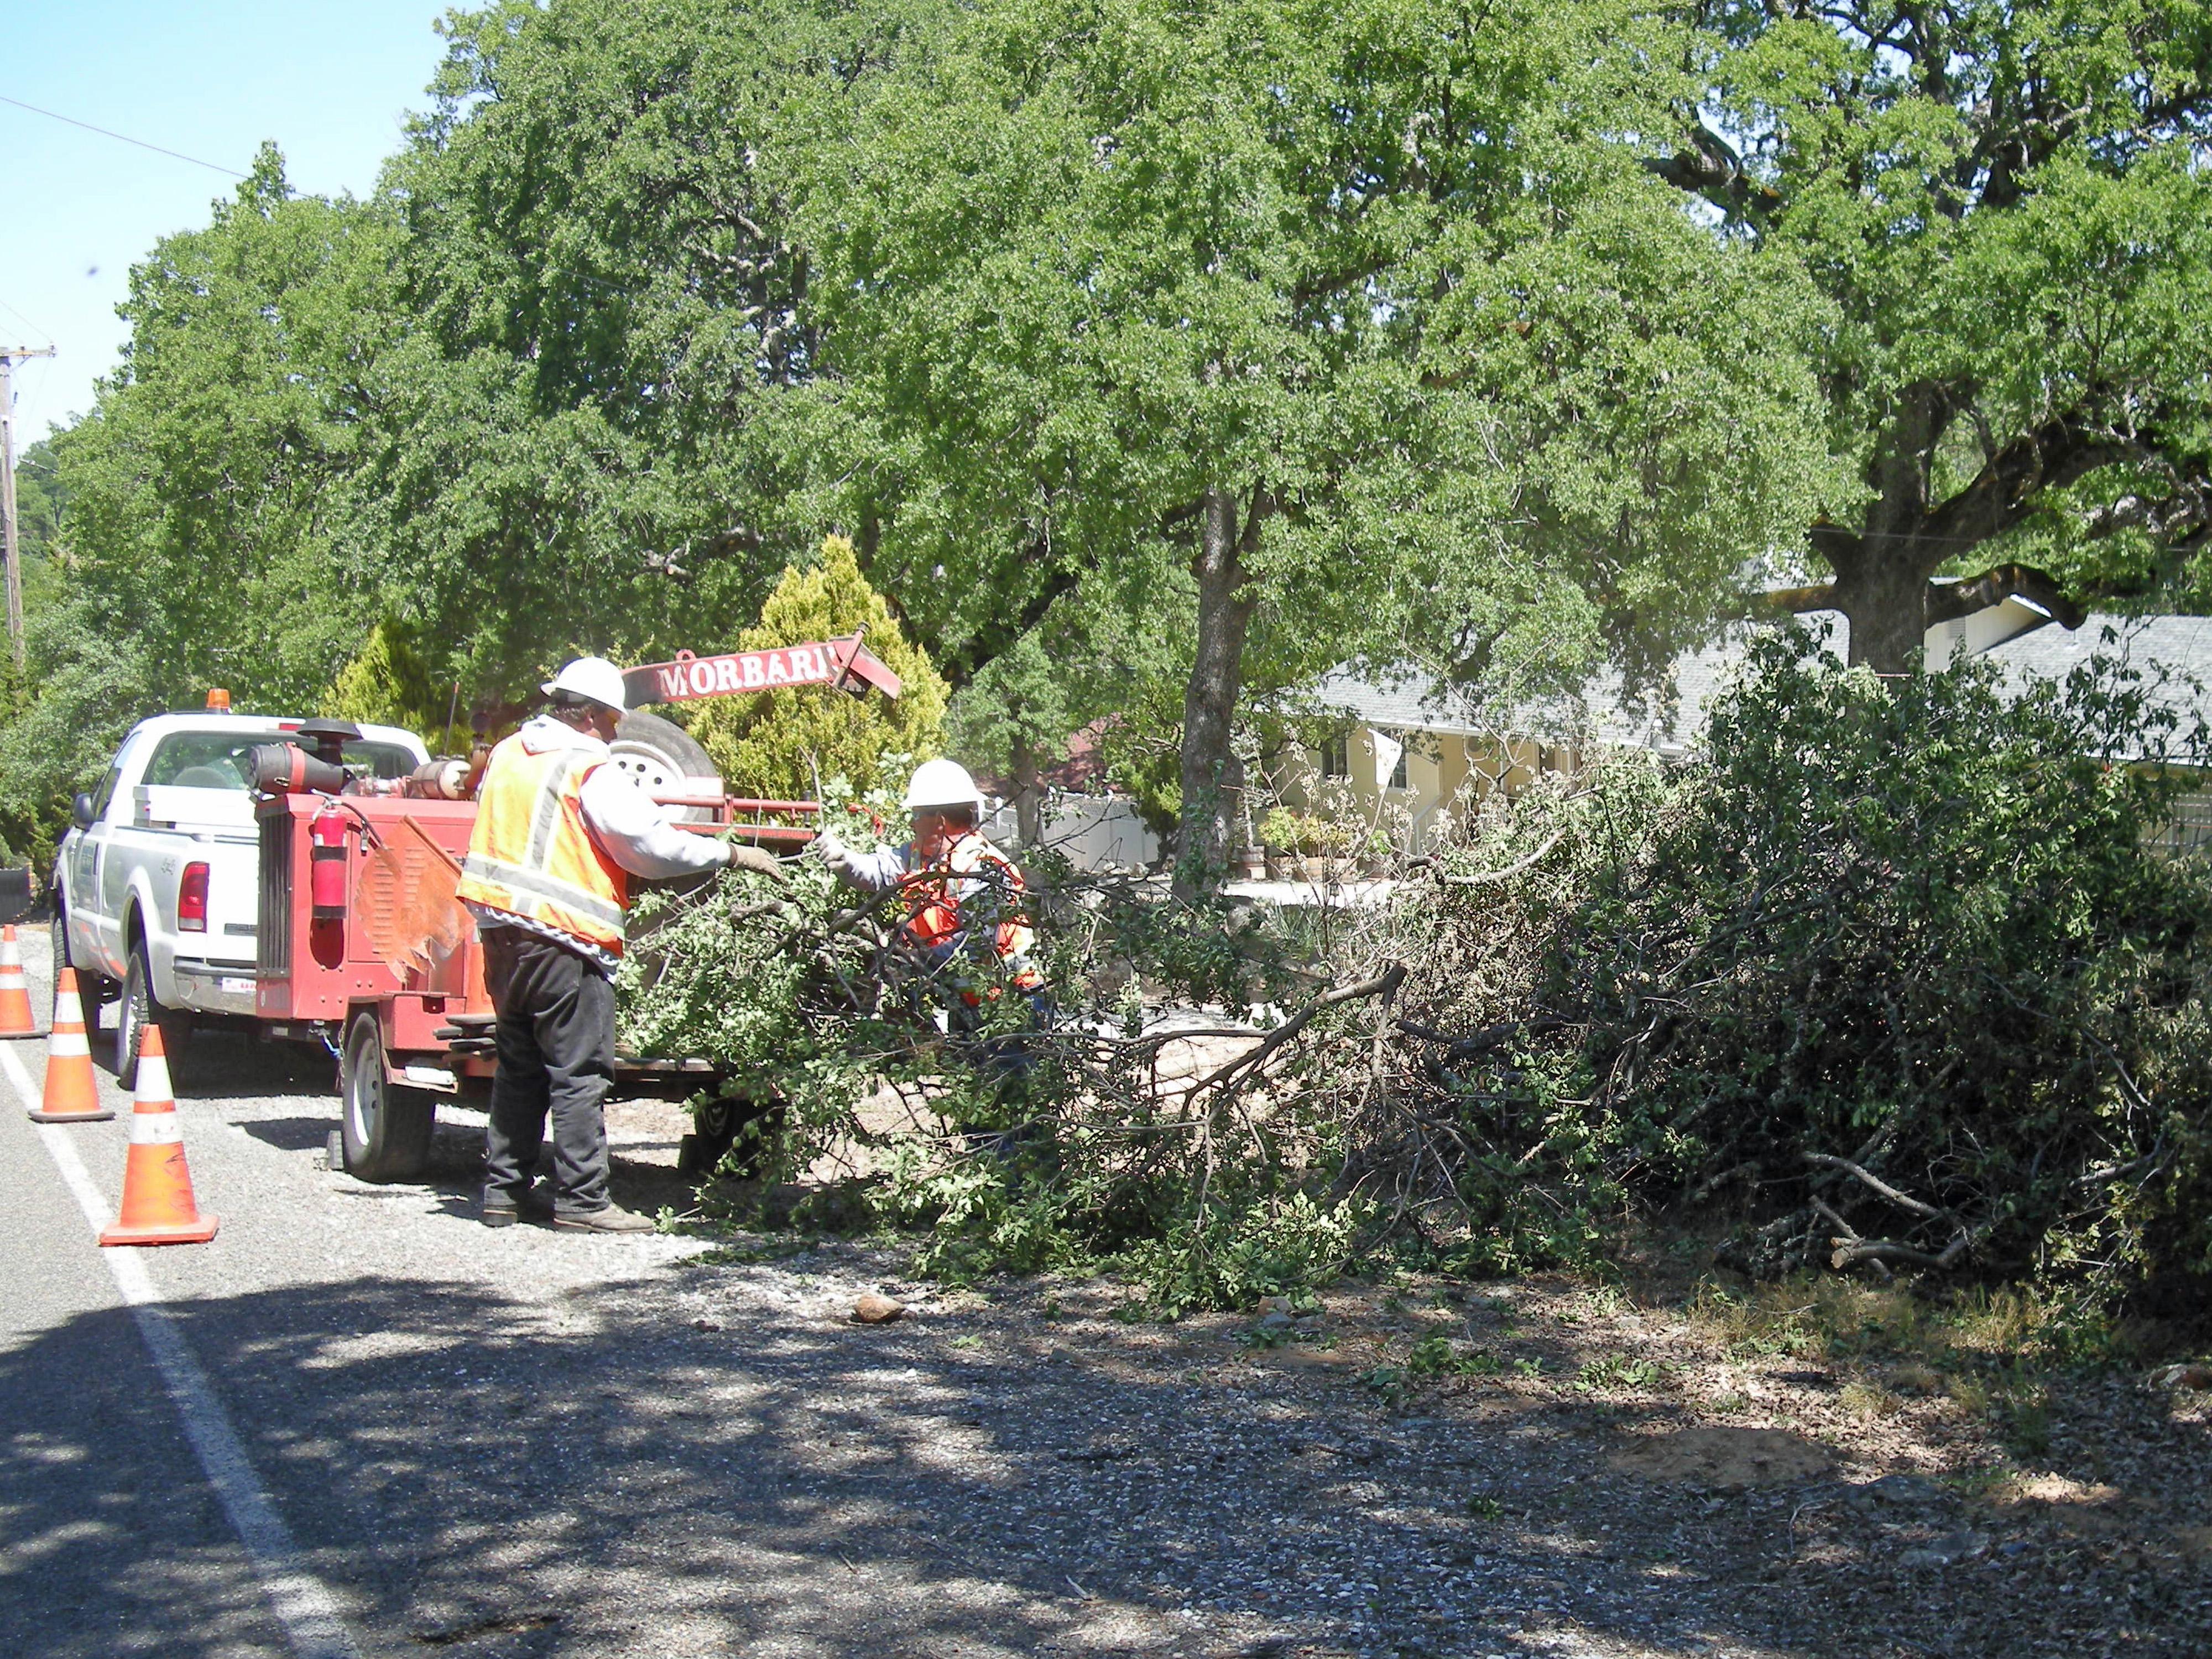 El Dorado County Fire Safe Council – Chipper Program